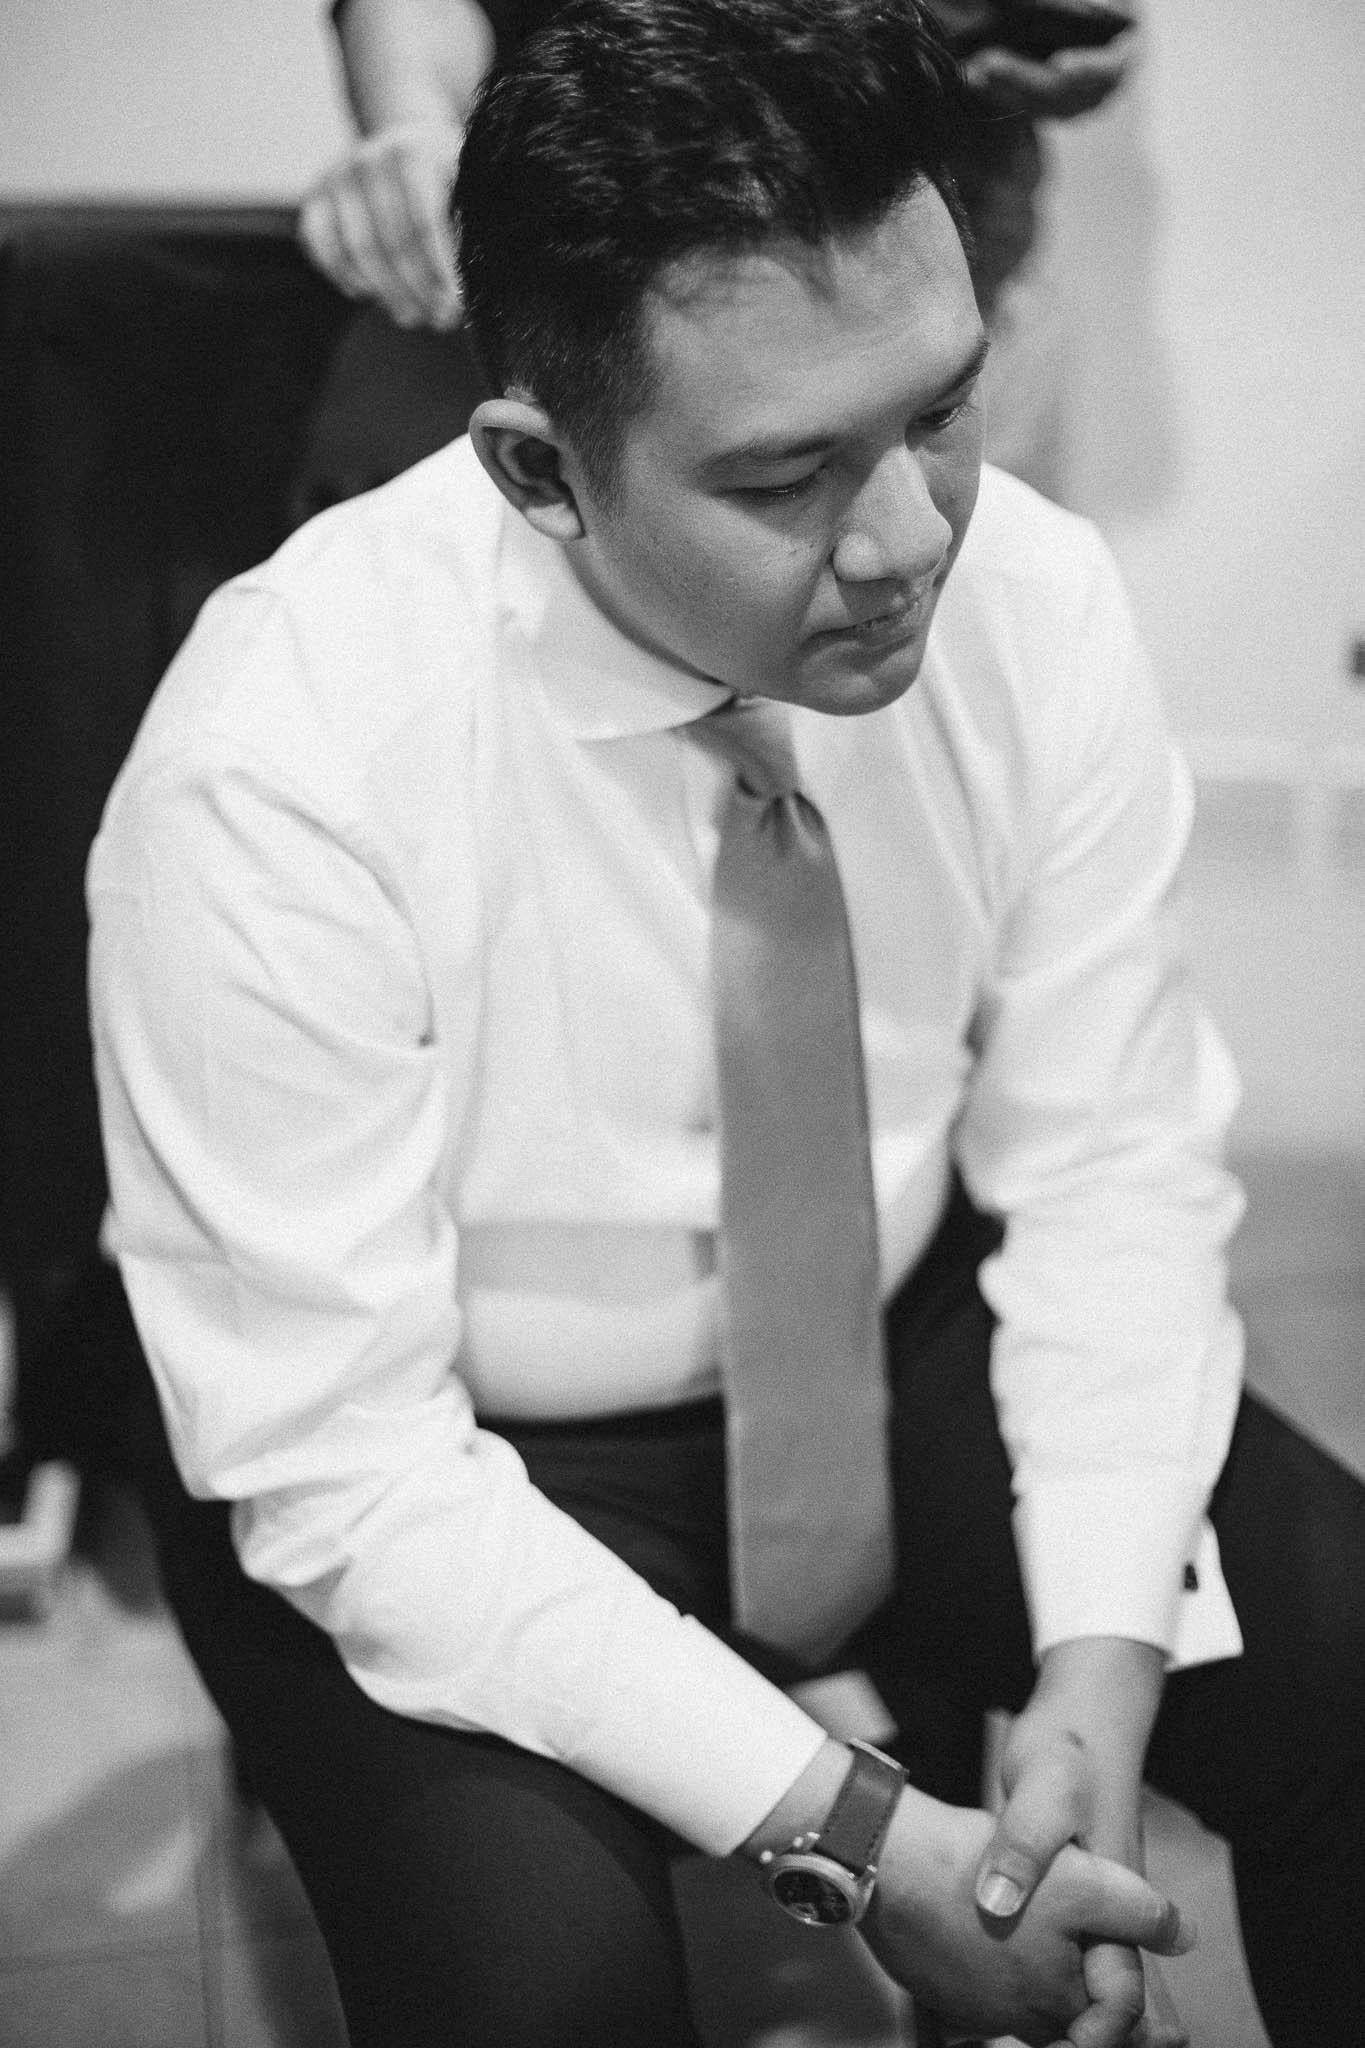 singapore-wedding-photographer-hafidz-hazlin-53.jpg